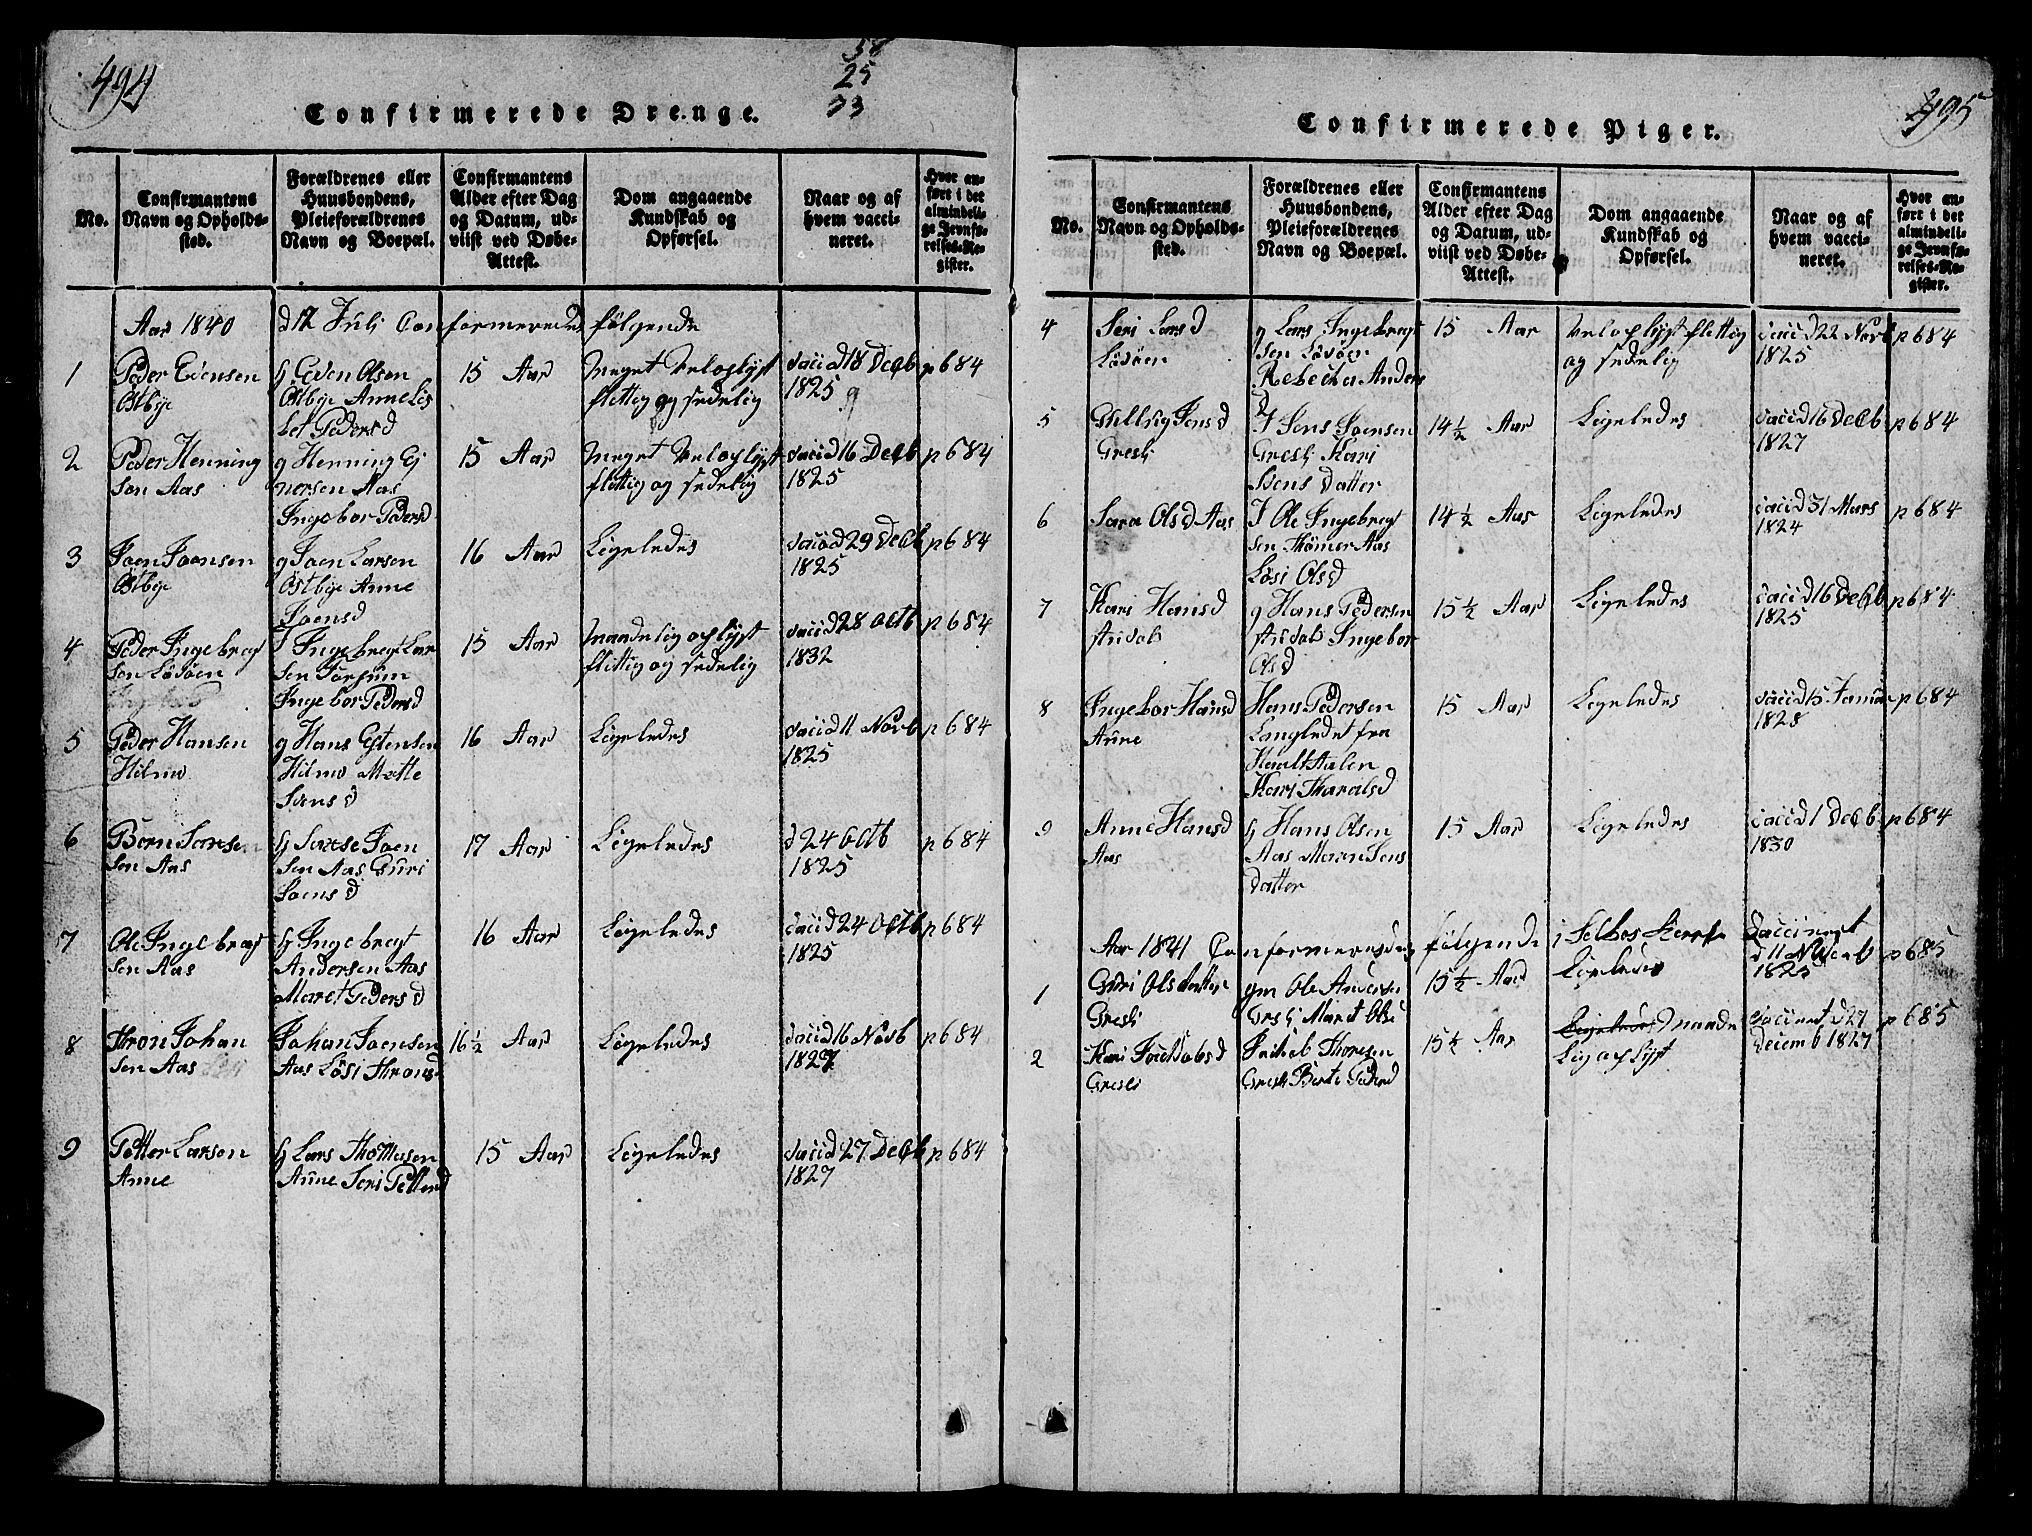 SAT, Ministerialprotokoller, klokkerbøker og fødselsregistre - Sør-Trøndelag, 698/L1164: Klokkerbok nr. 698C01, 1816-1861, s. 494-495